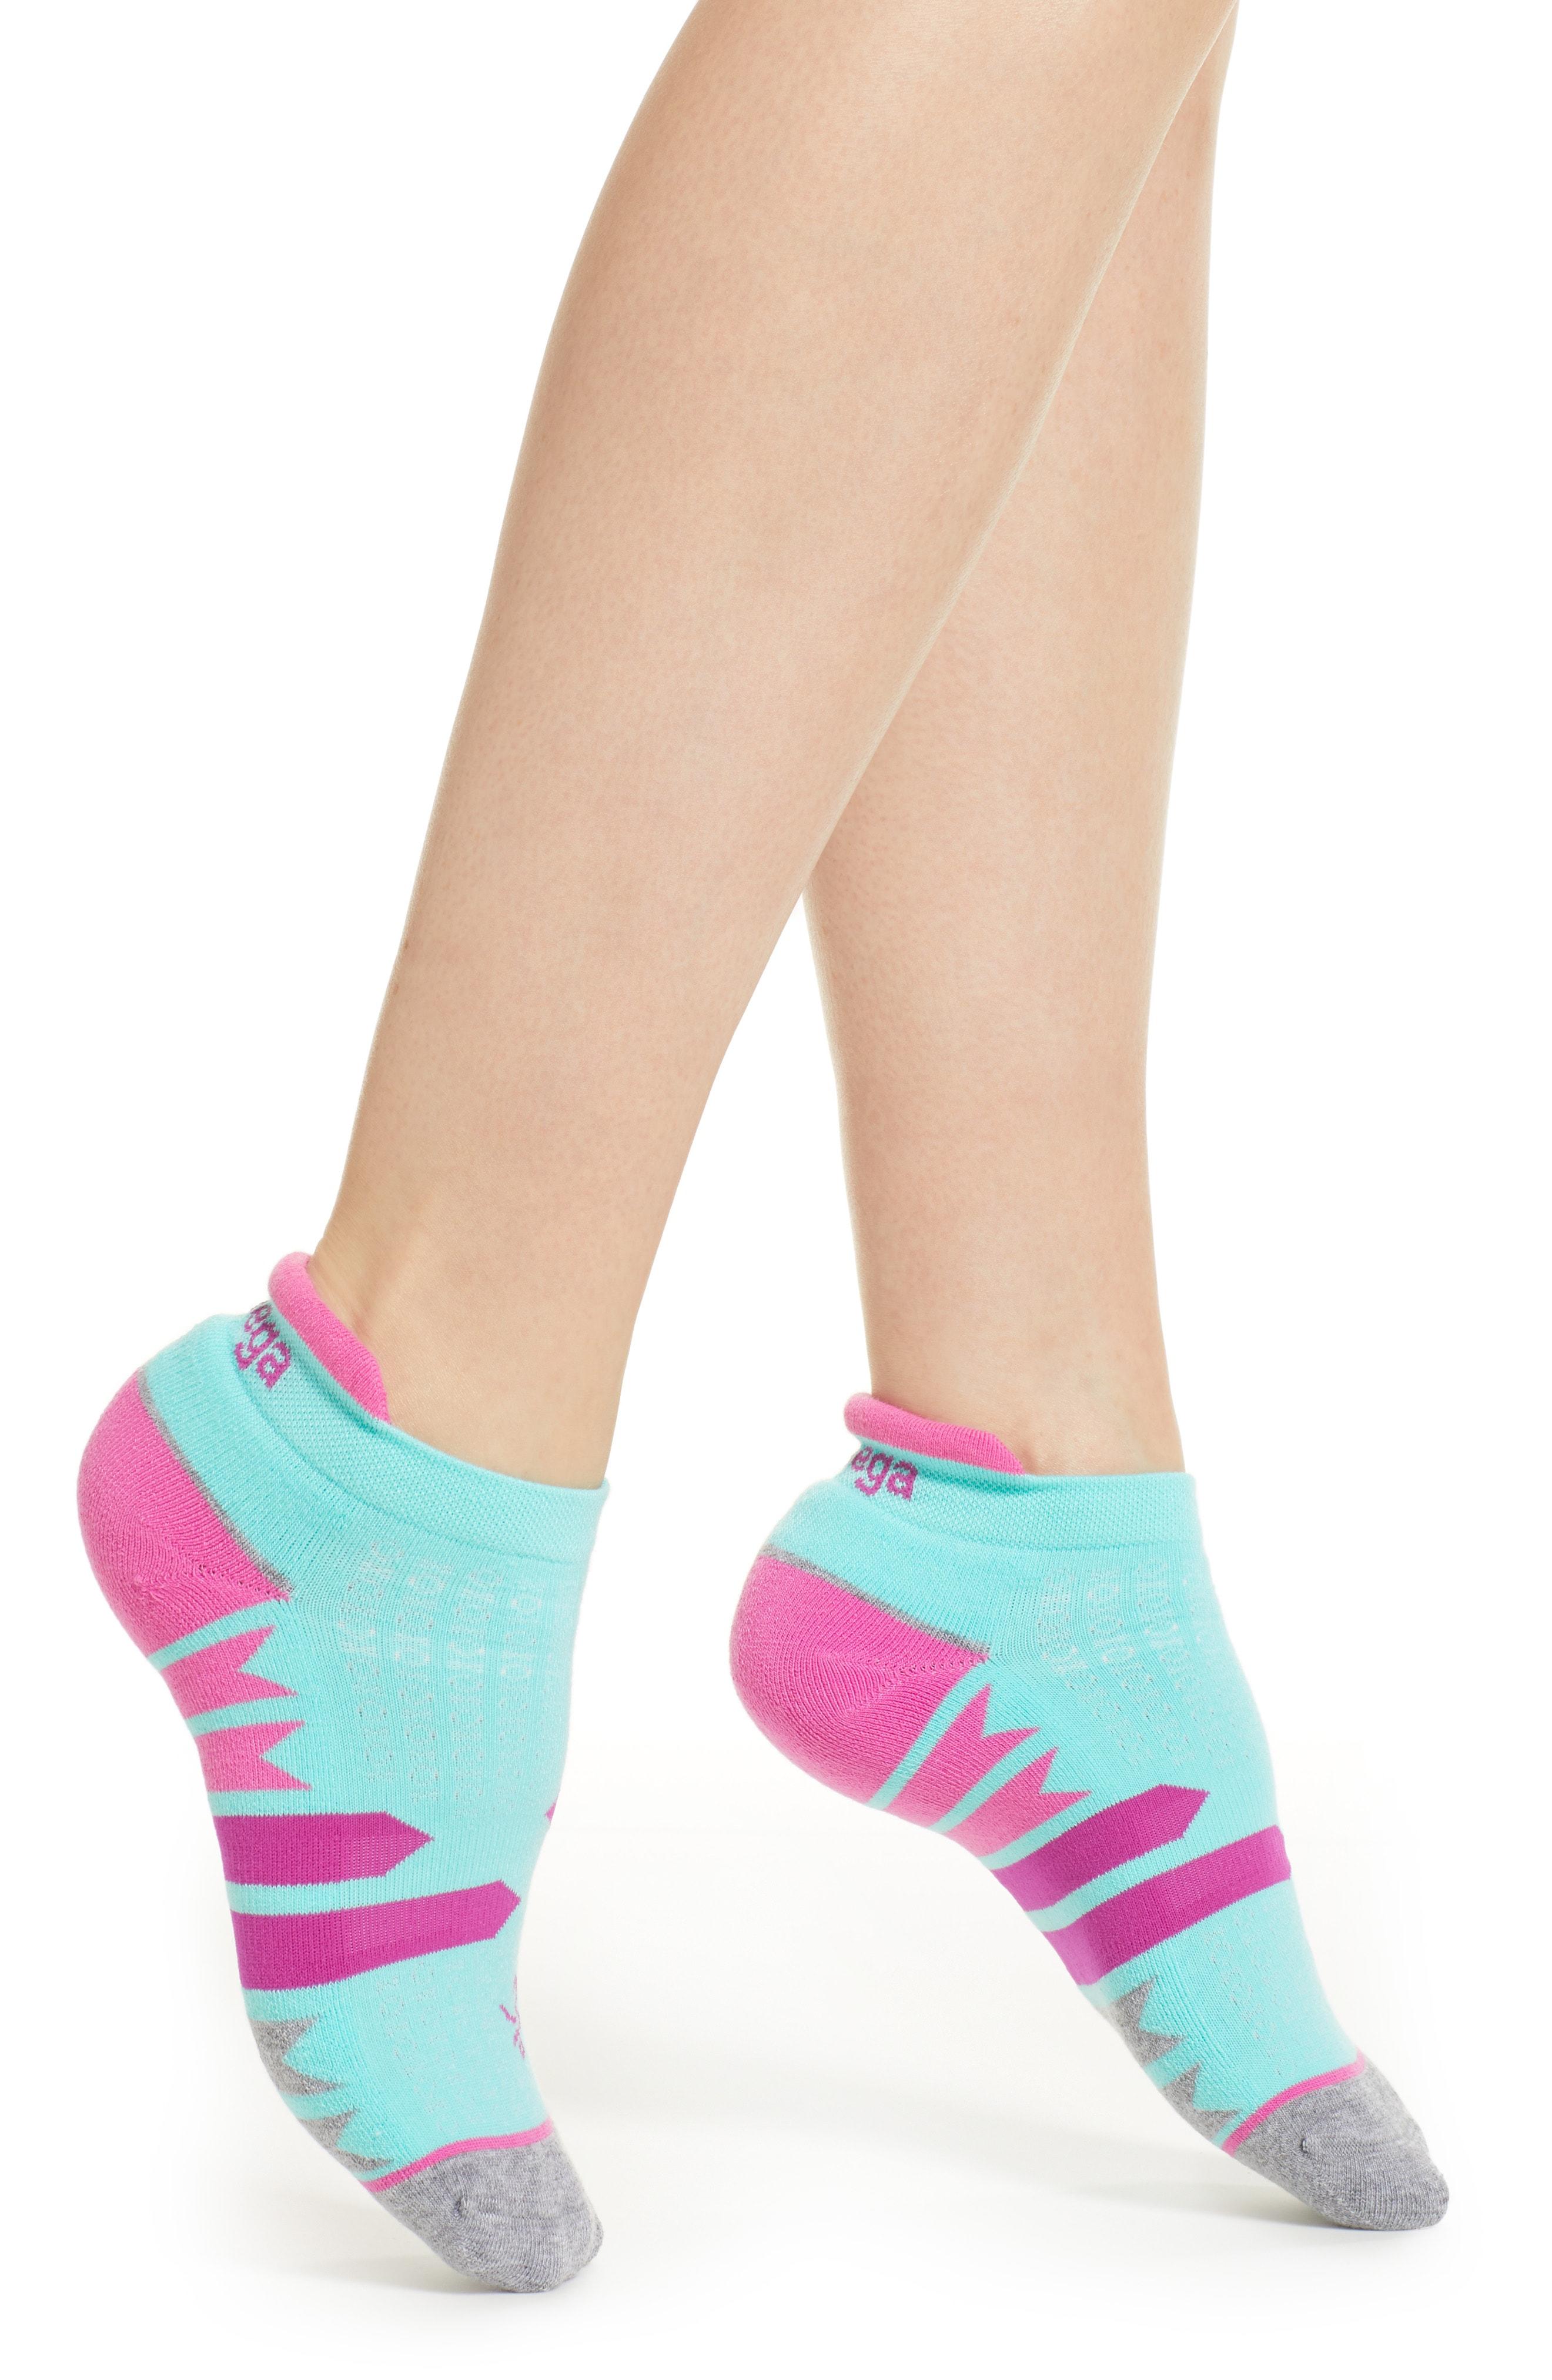 Balega Enduro No Show Running Socks